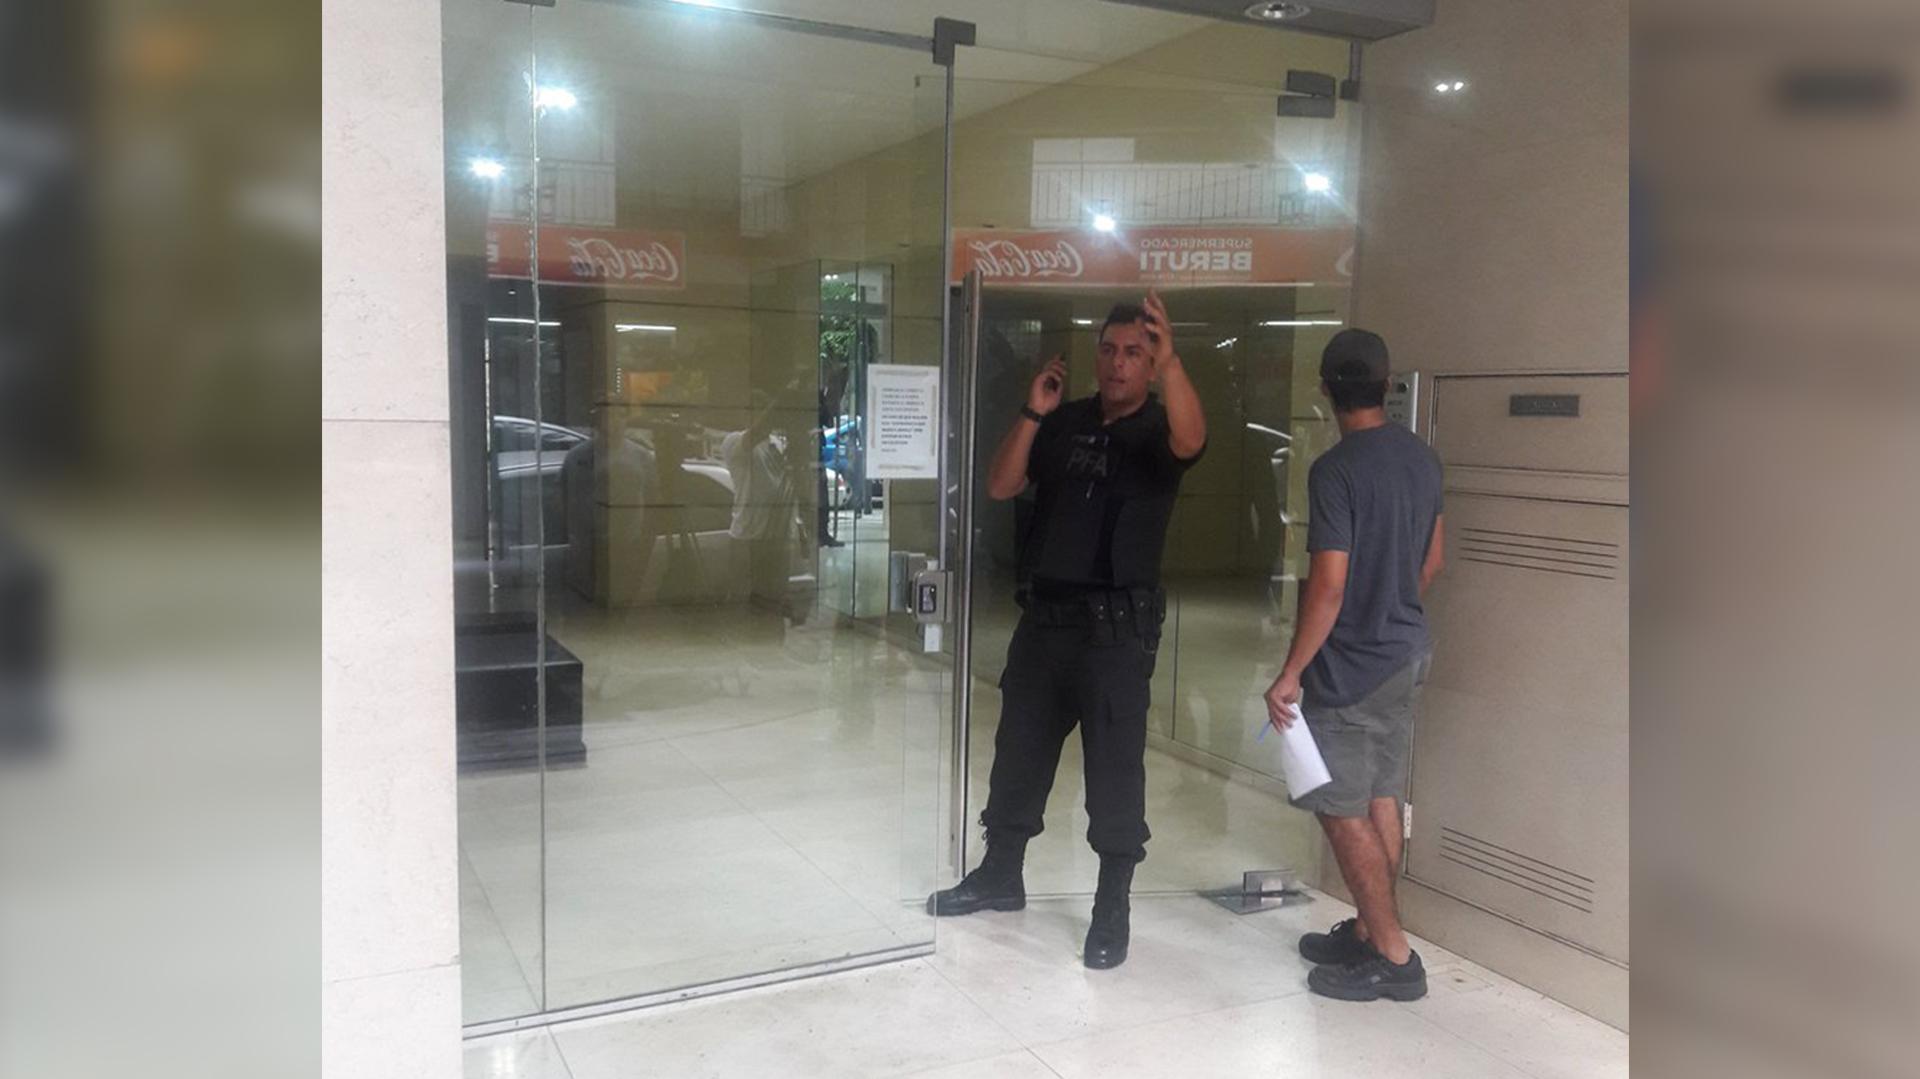 El departamento de Billiris en Palermo donde se produjo el ataque